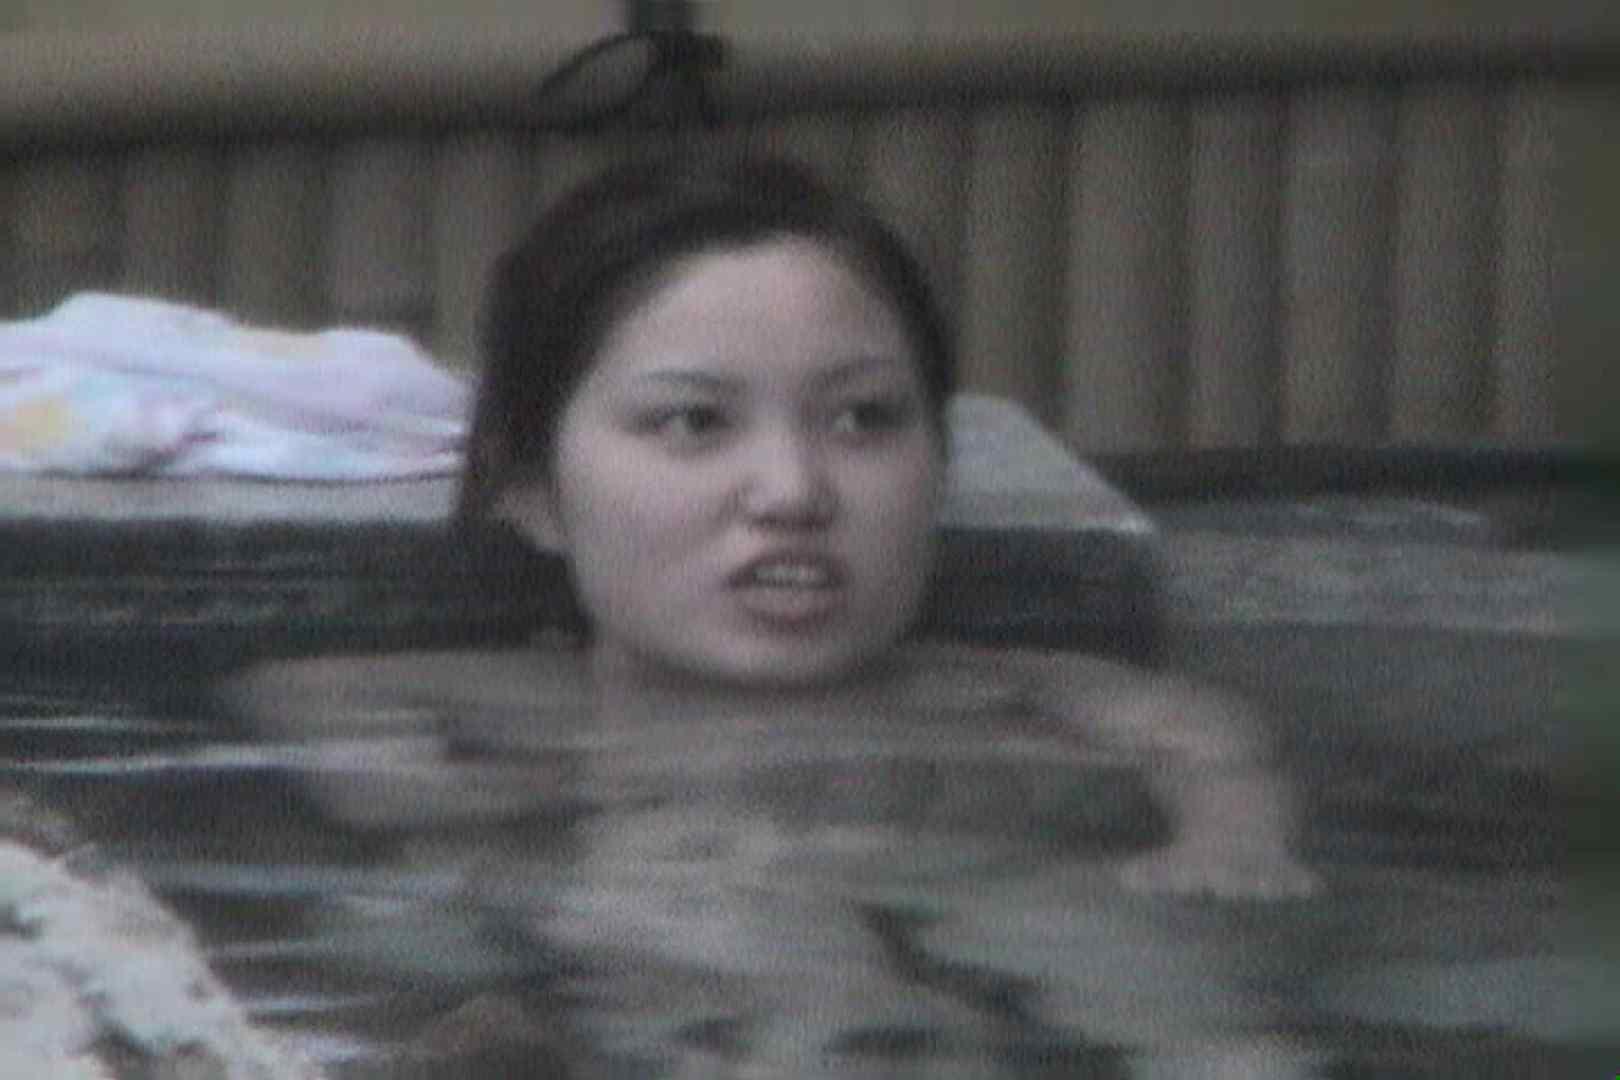 Aquaな露天風呂Vol.602 盗撮師作品 | 美しいOLの裸体  98pic 64